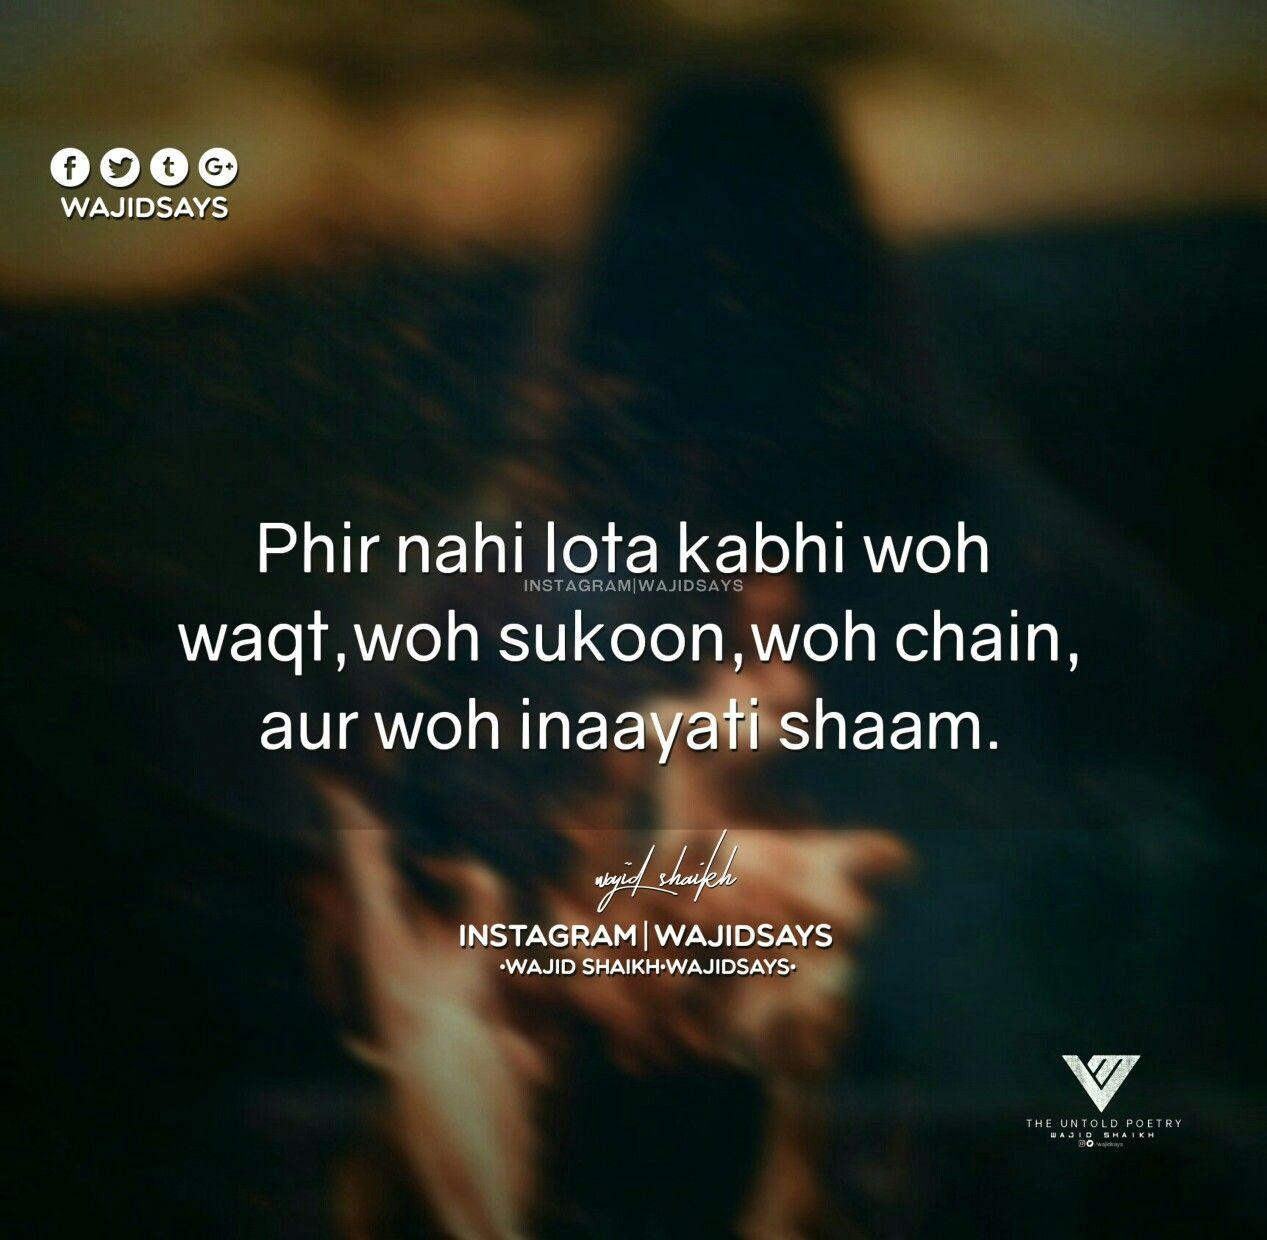 Phir nahi lota kabhi woh waqt woh sukoon woh chain aur woh inaayati